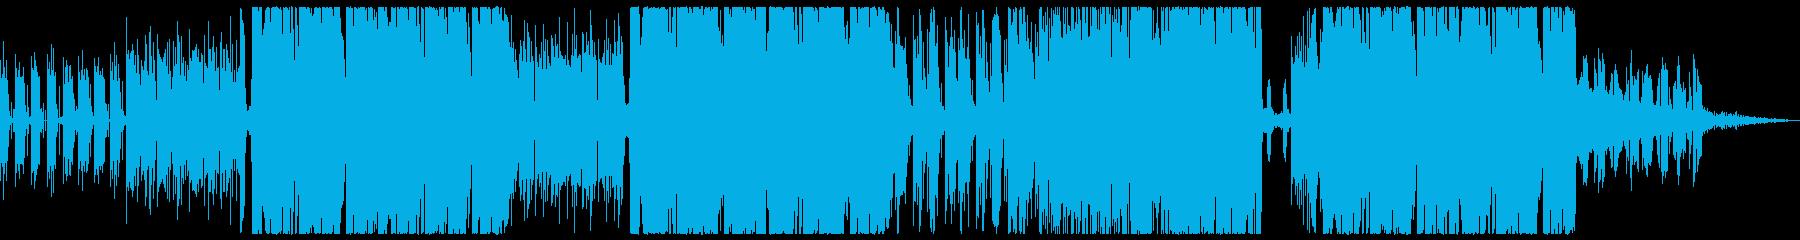 ゲームの通常ステージ時BGM的曲の再生済みの波形